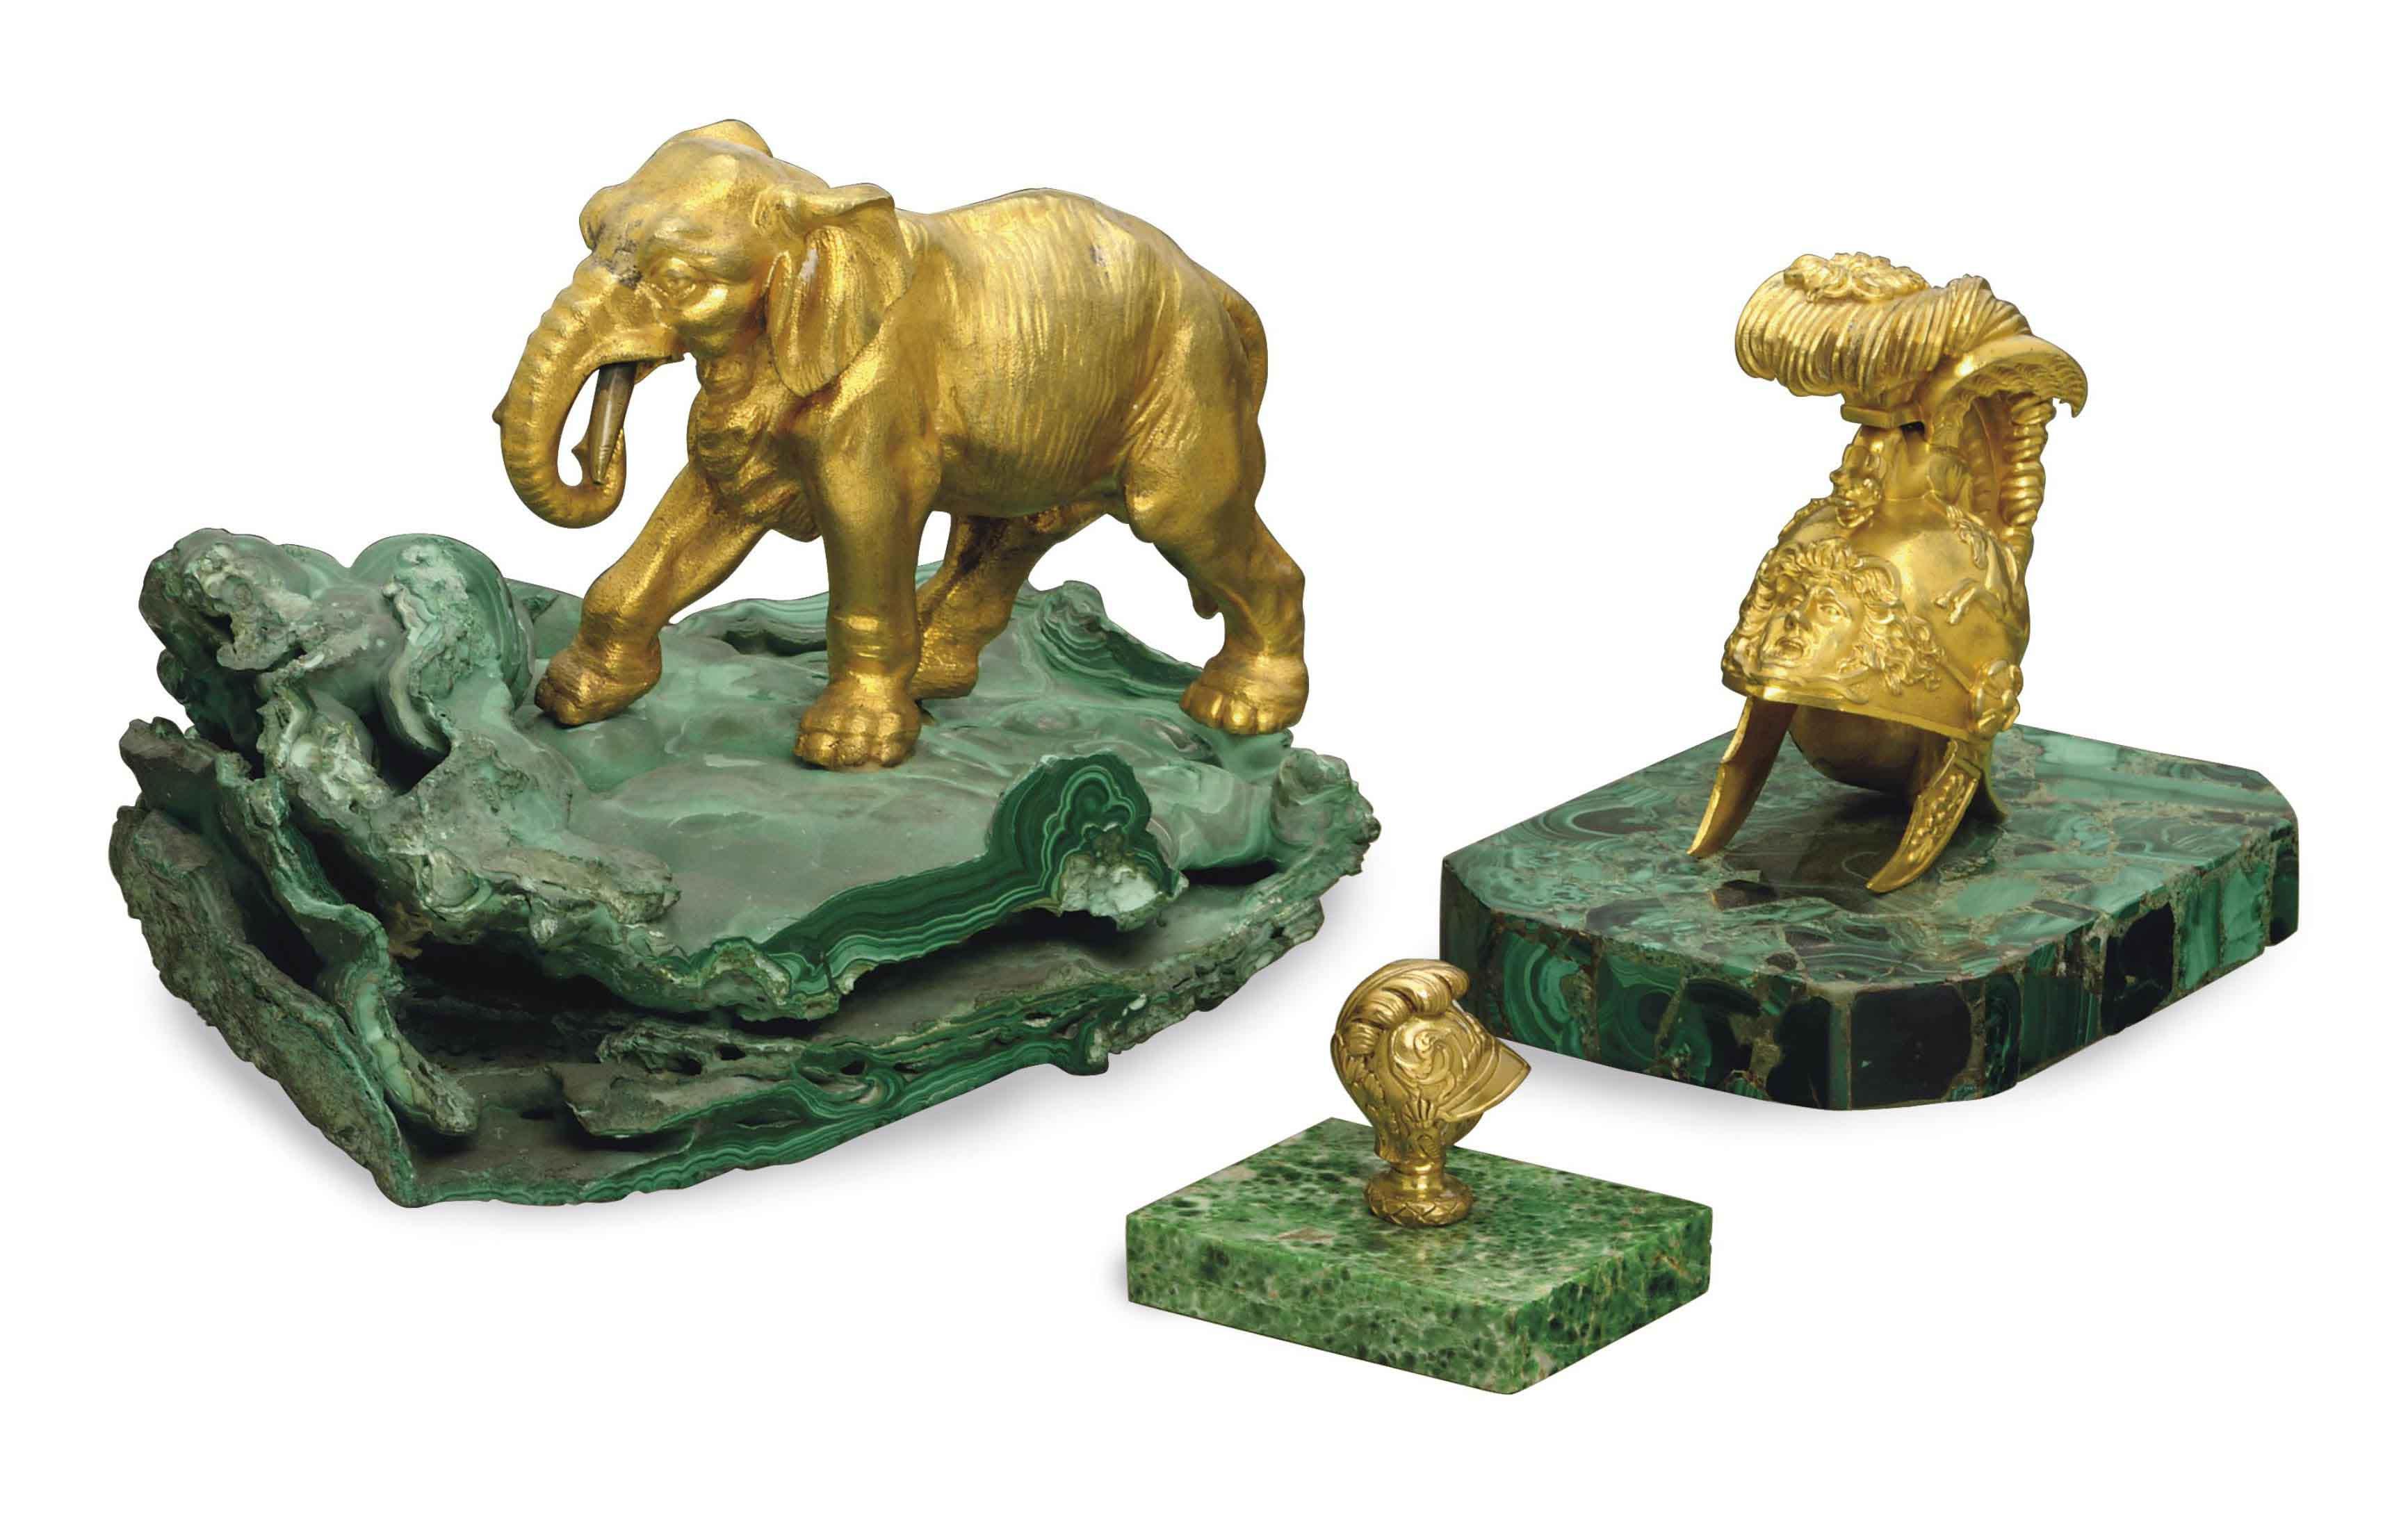 A GILT METAL ELEPHANT ON A MALACHITE BASE, A GILT METAL HELMET ON A MALACHITE VENEER BASE, AND A SMALLER GILT METAL HELMET ON A HARDSTONE BASE,